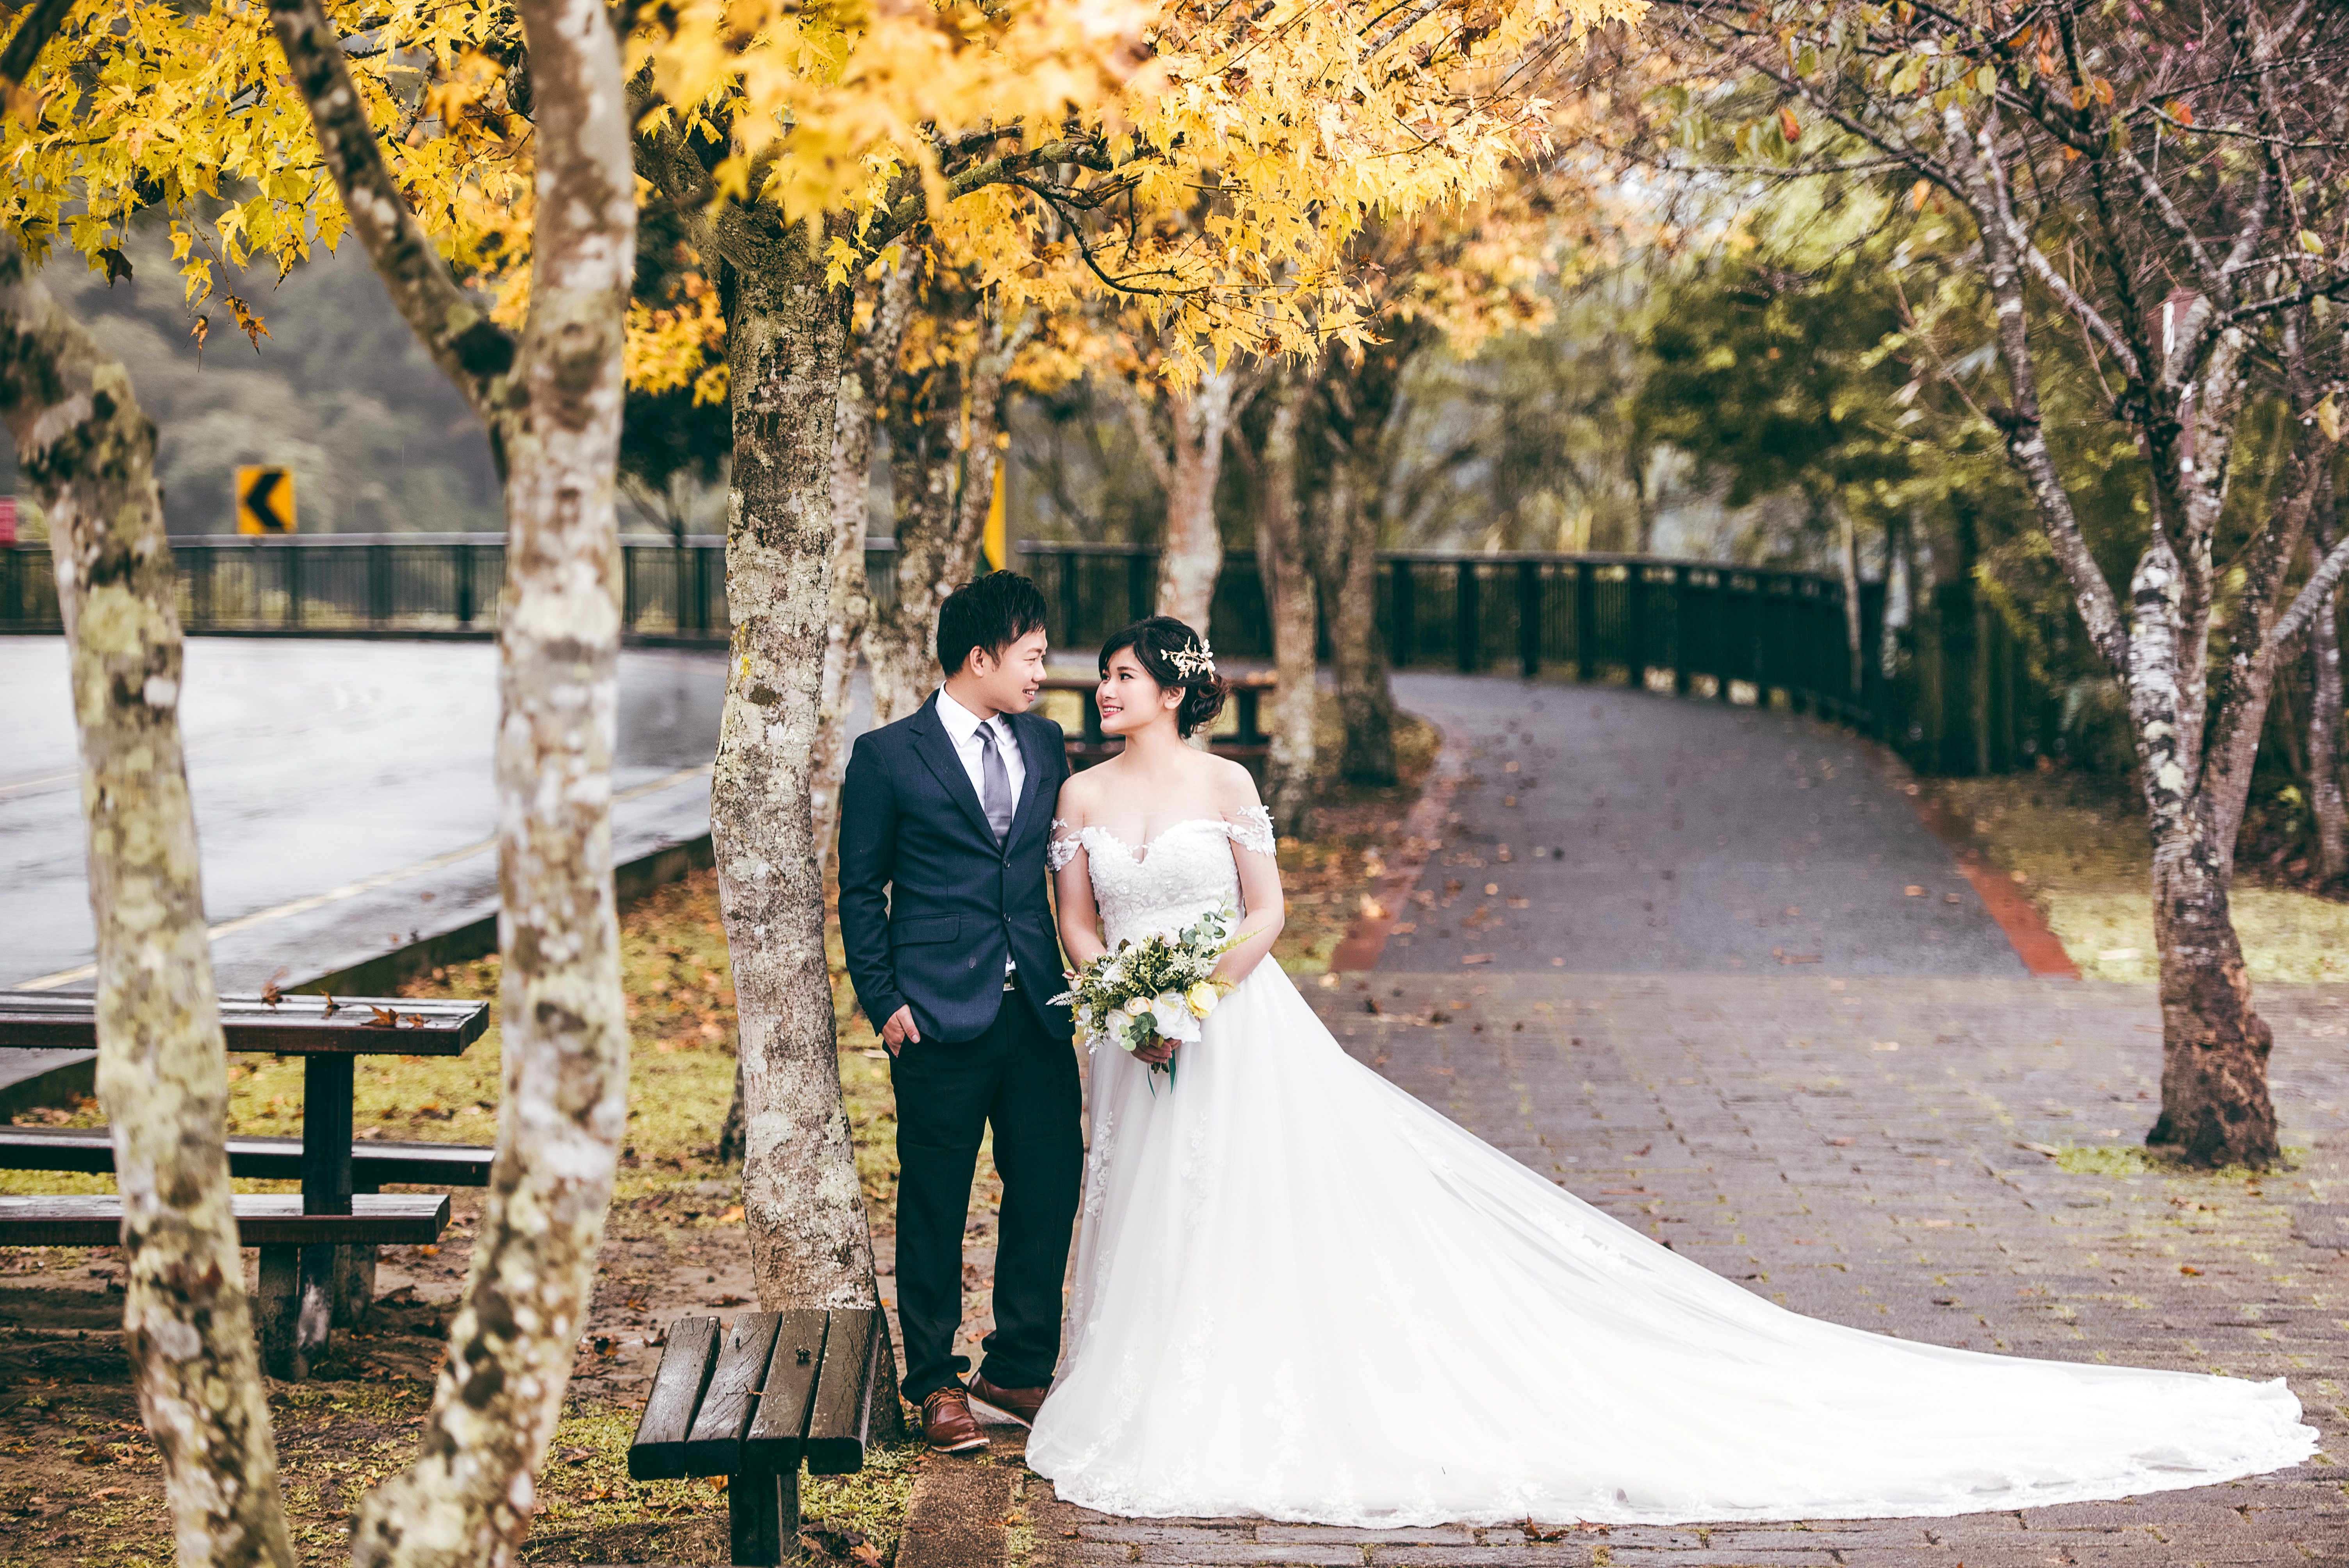 台中日月潭婚紗攝影,台中婚紗向山遊客,台中婚紗秘境